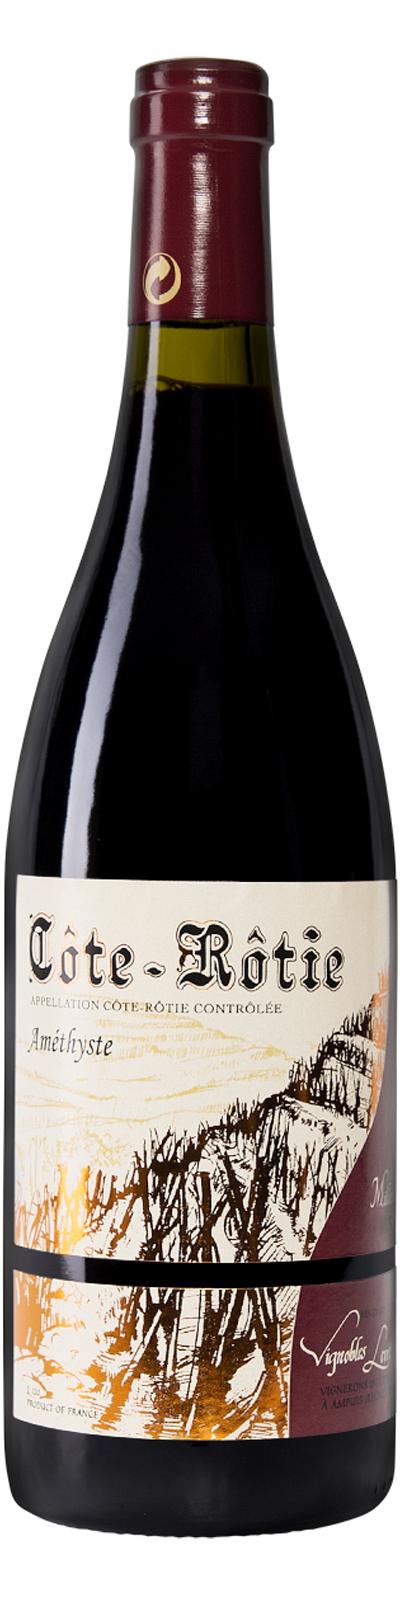 Vignobles Levet Côte-Rôtie Amethyste